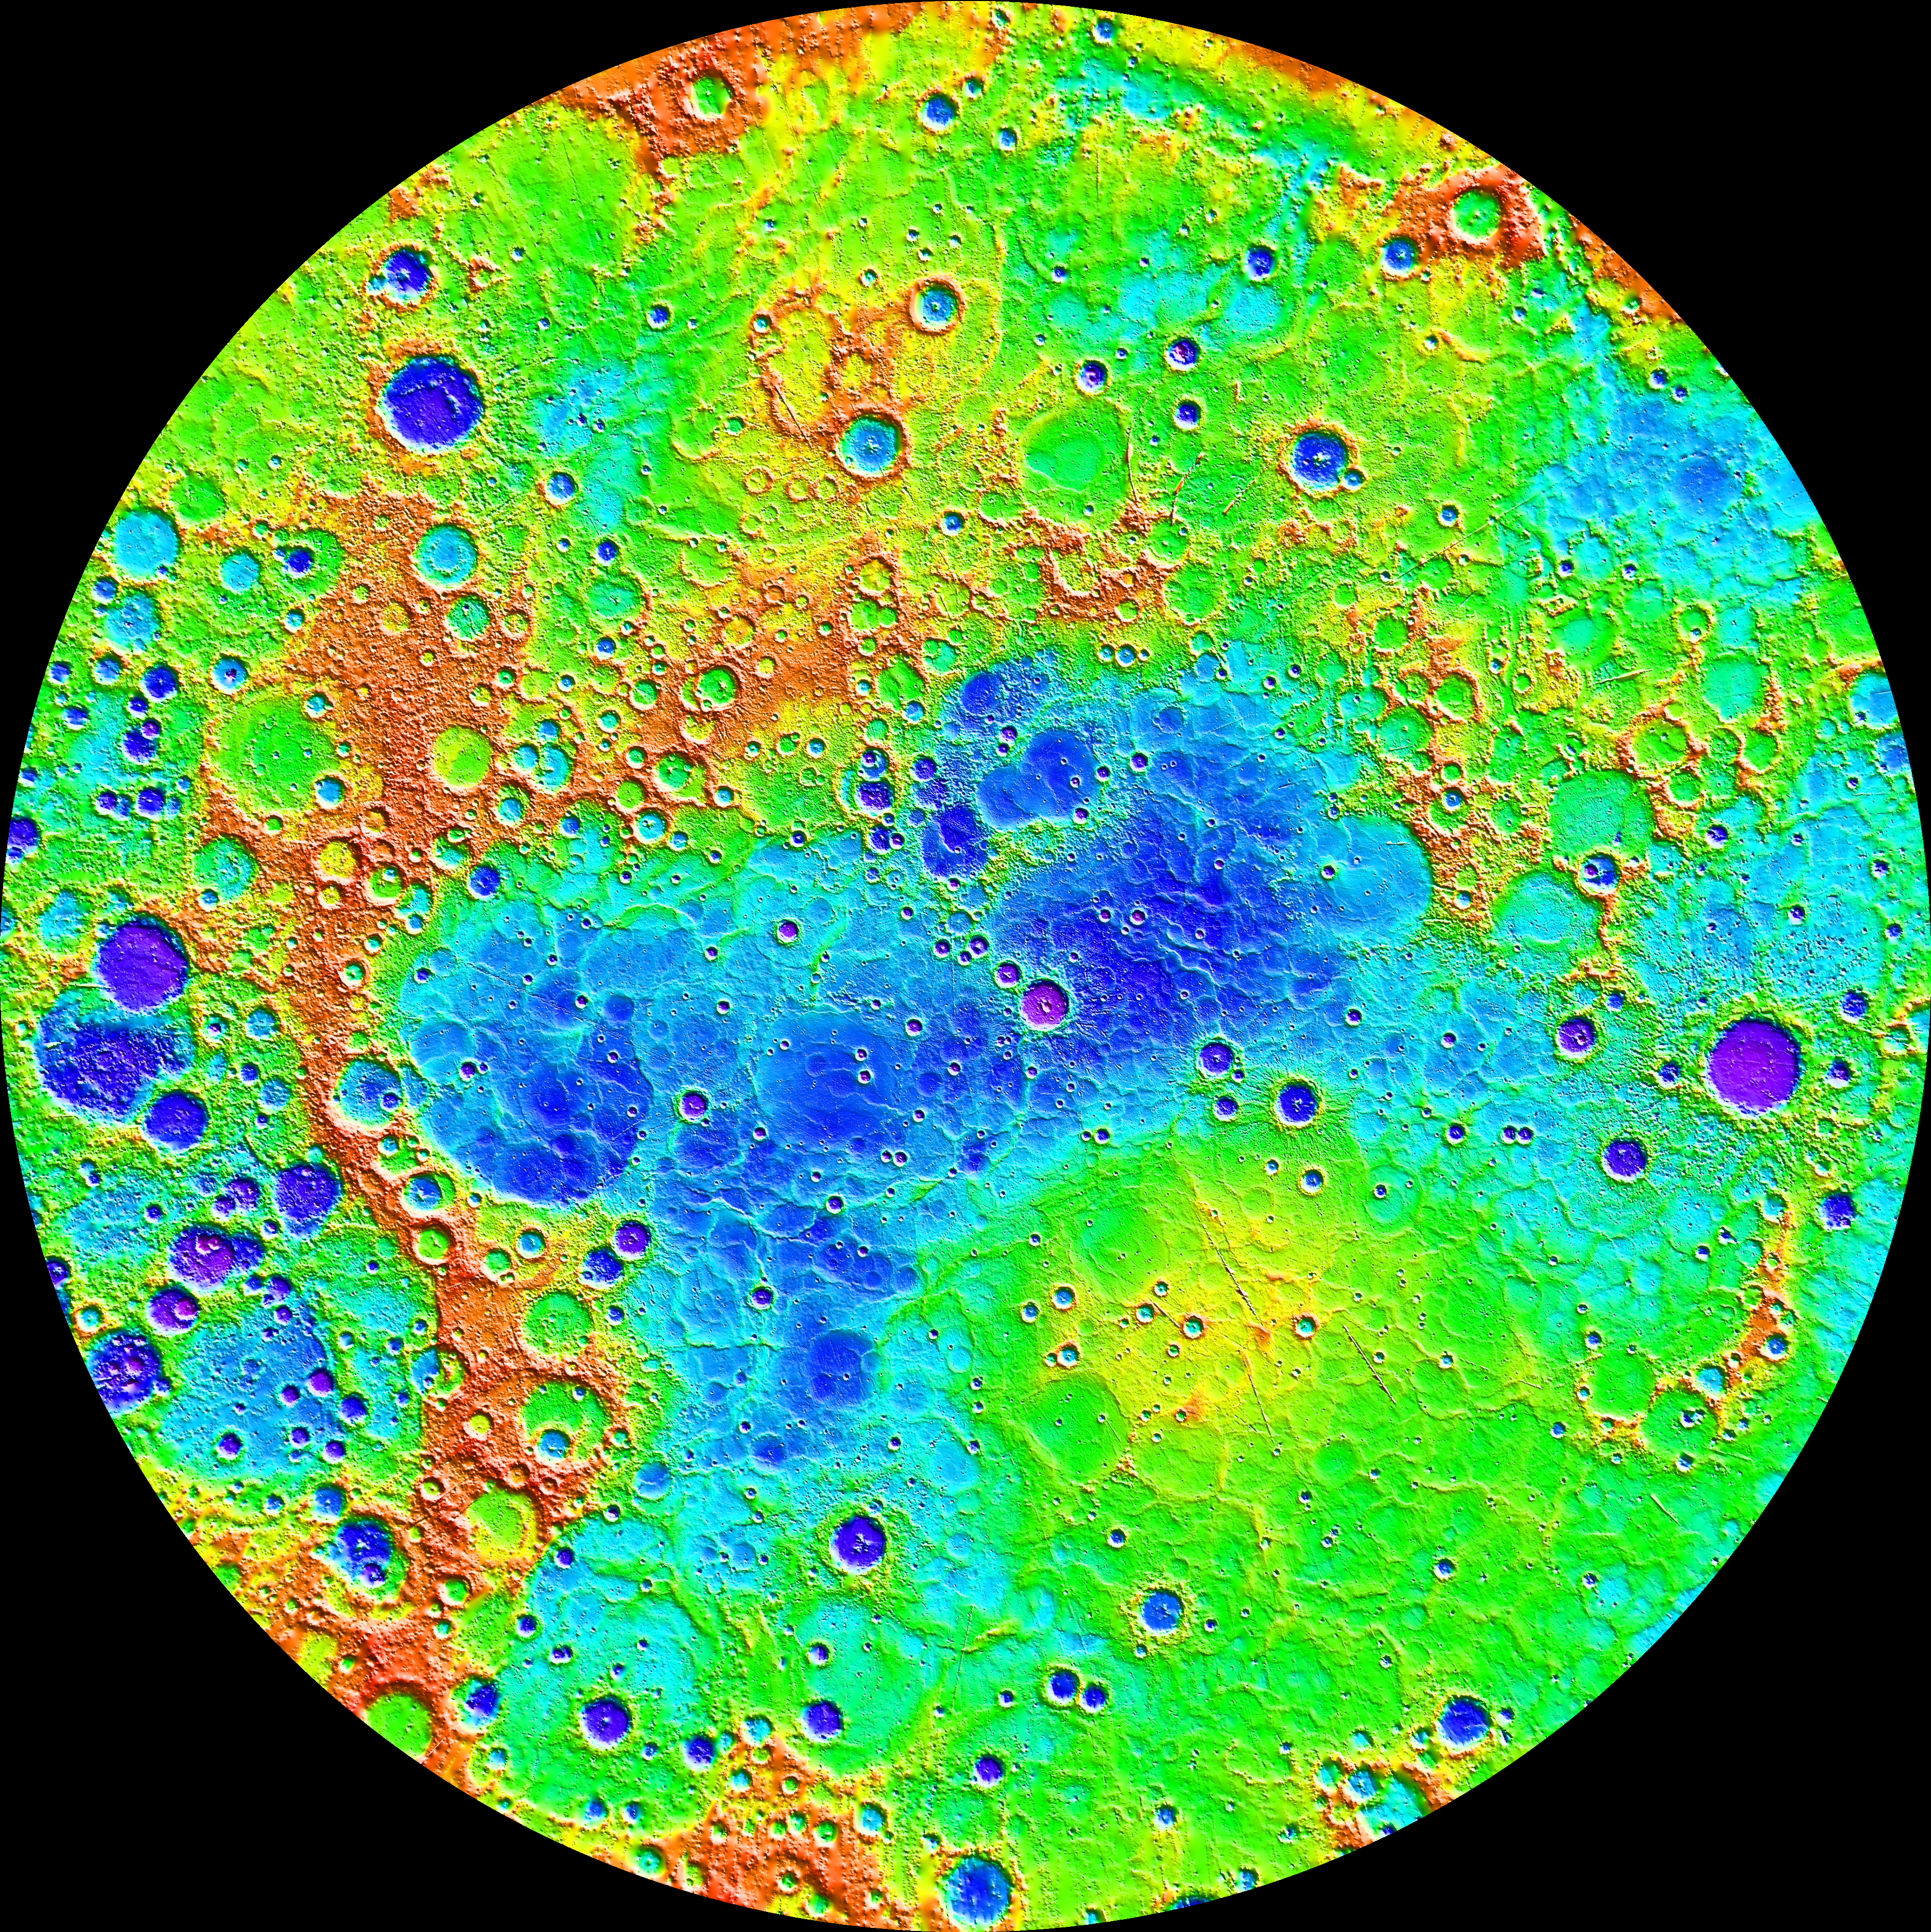 Mercure, par Mercury Messenger (altimétrie laser)